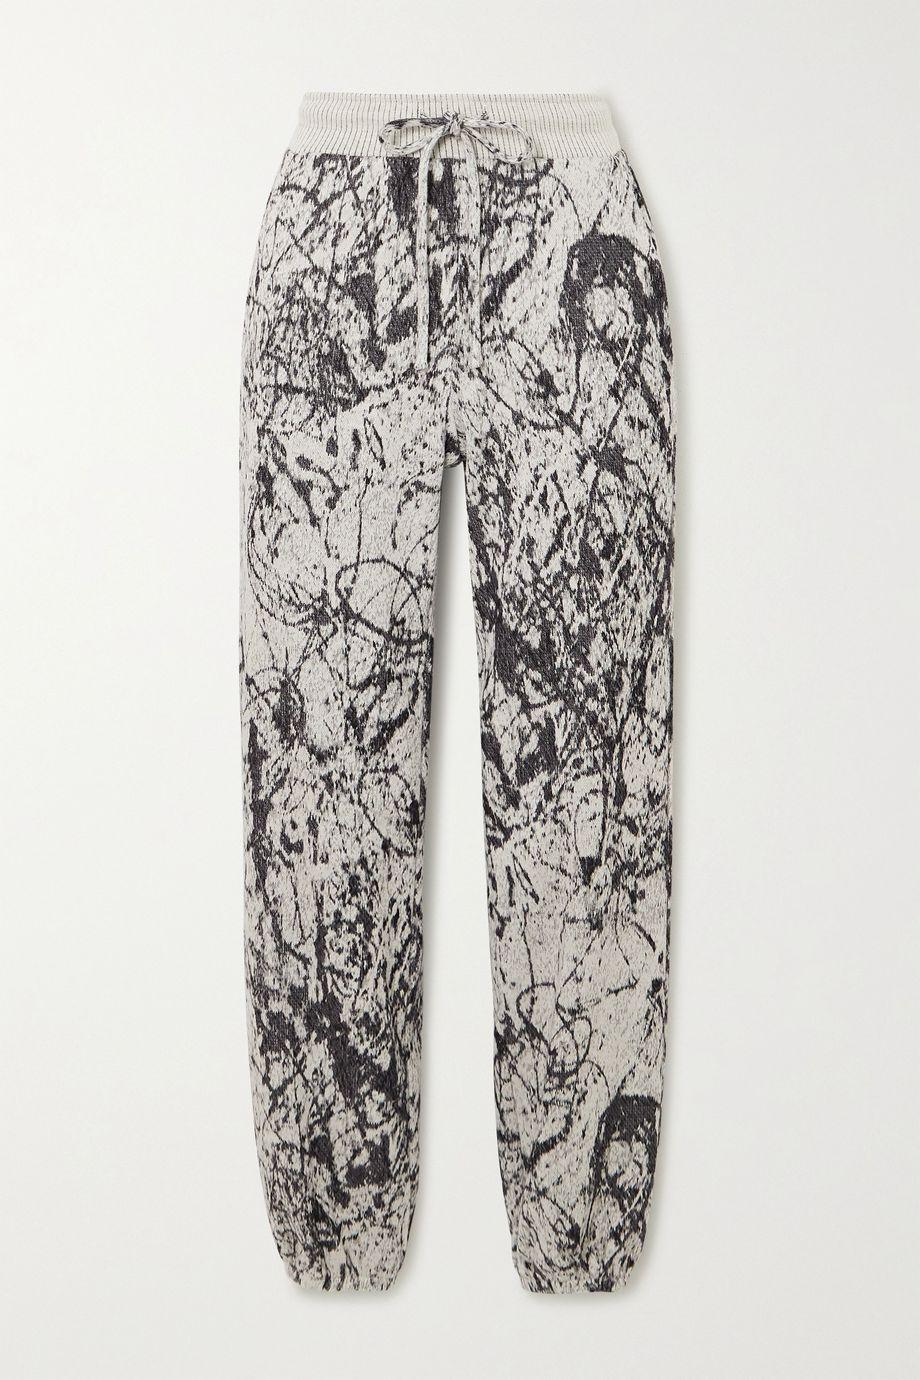 TWENTY Montréal Pollock Hyper Reality Jogginghose aus einer Baumwollmischung mit Print